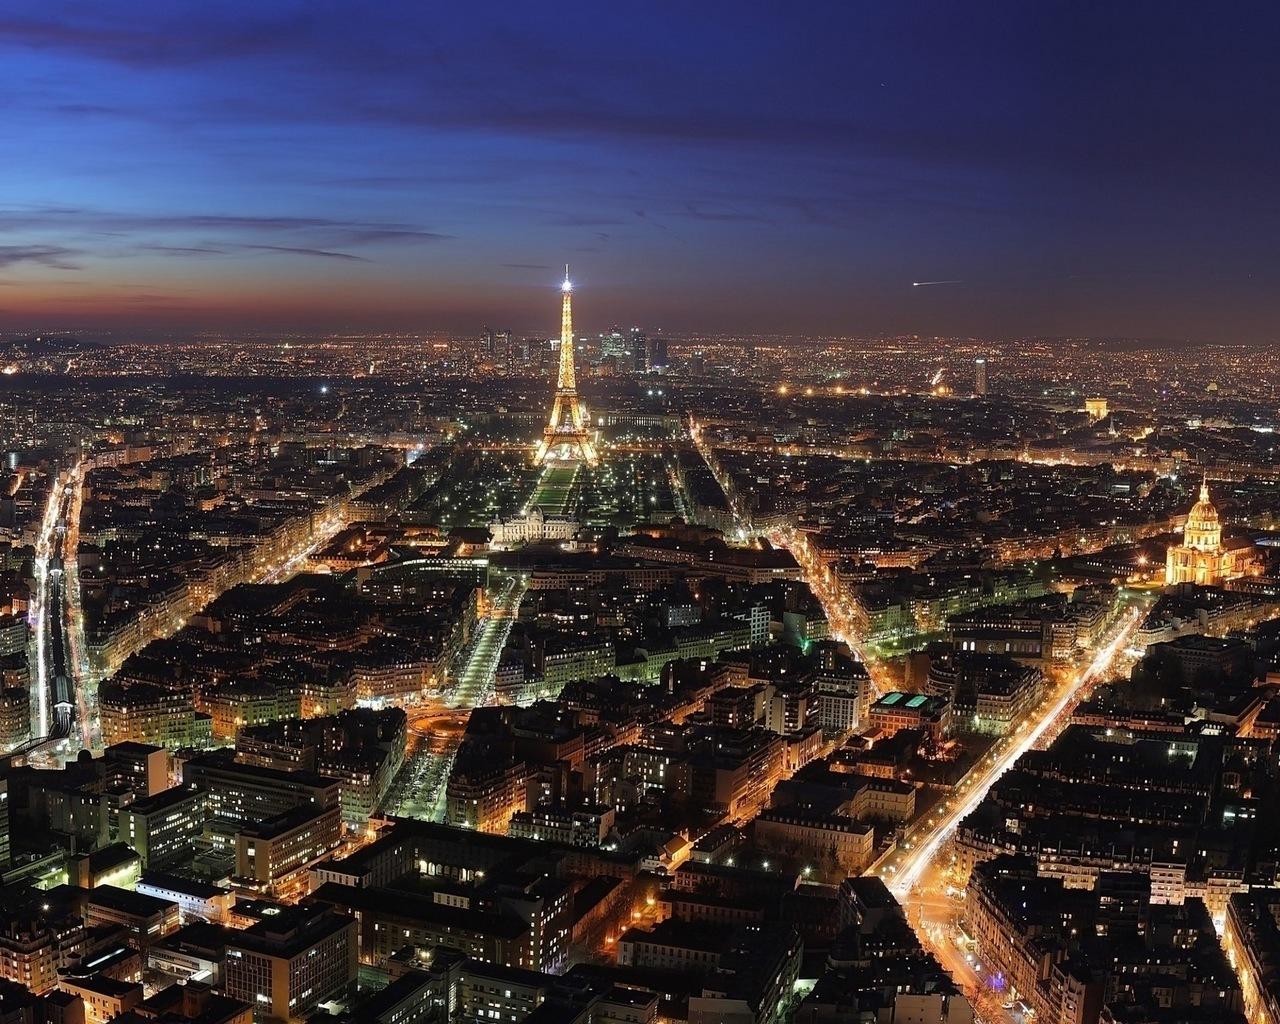 14875 скачать обои Пейзаж, Города, Ночь, Архитектура, Париж, Эйфелева Башня - заставки и картинки бесплатно